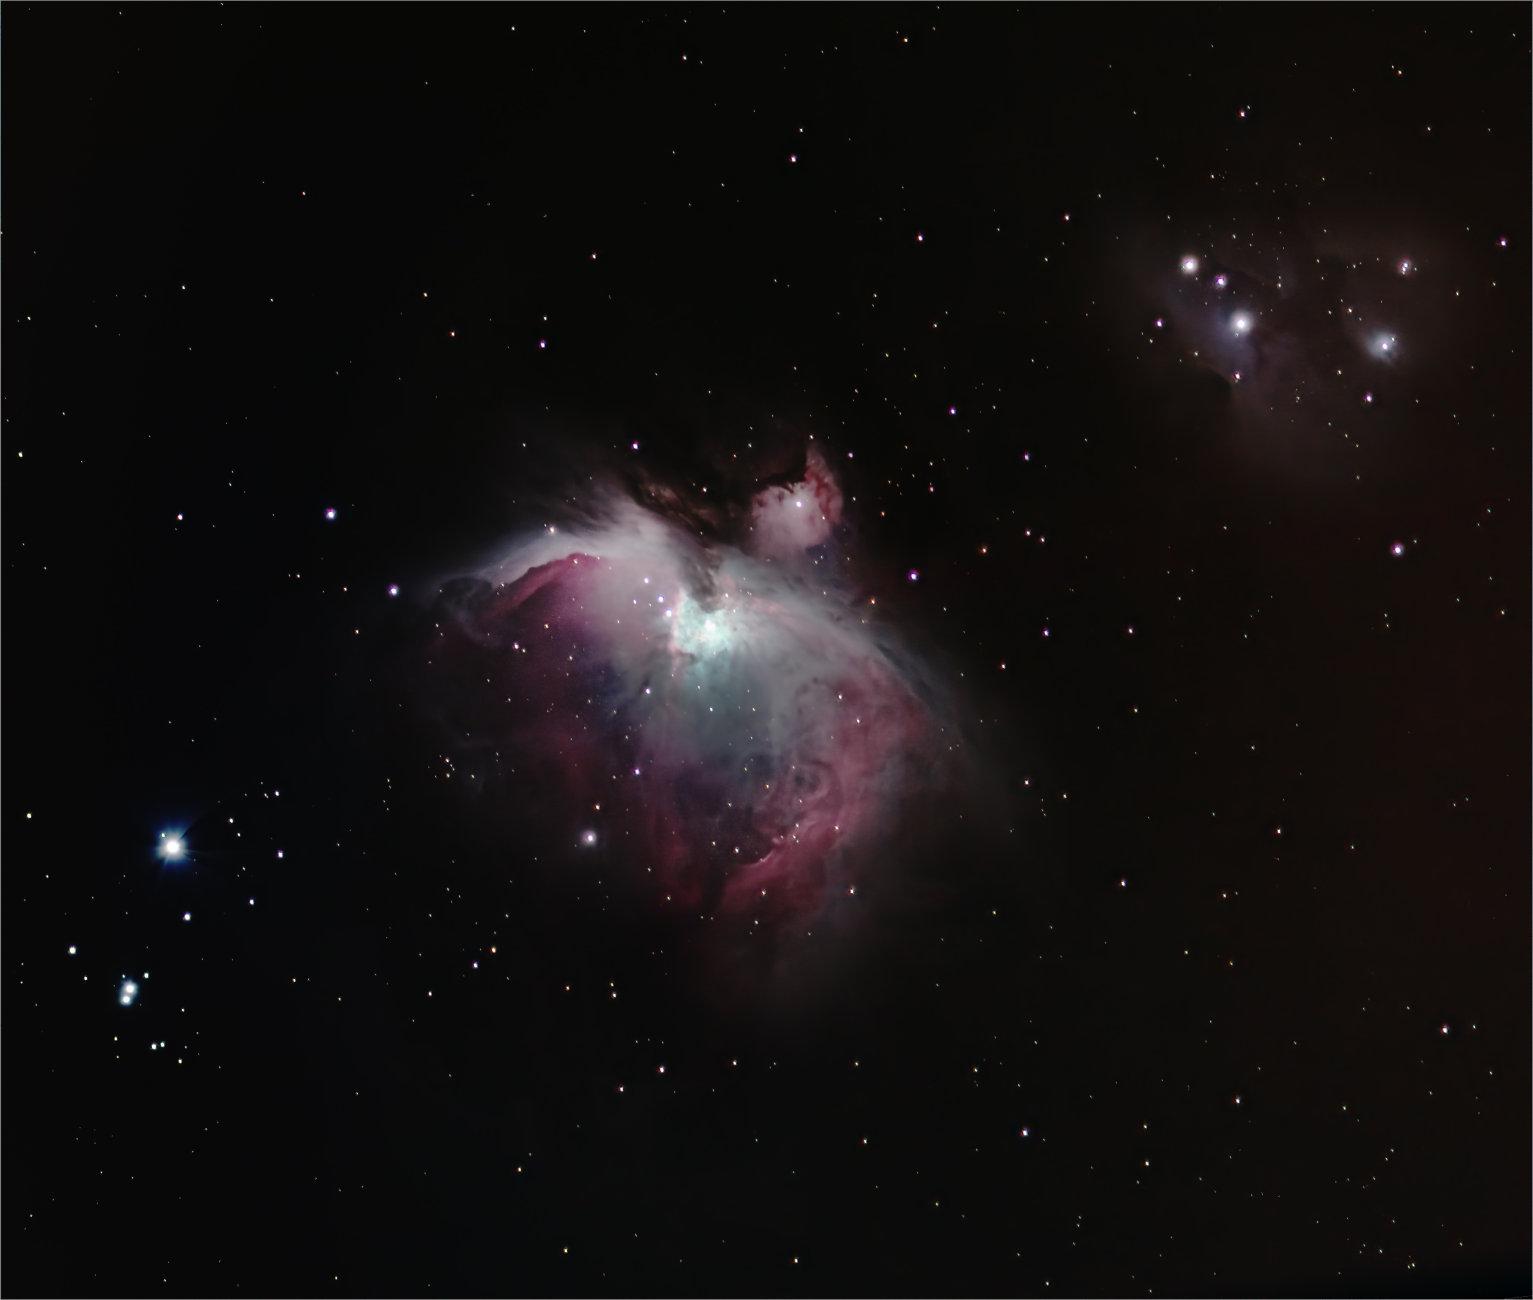 The Orian Nebula